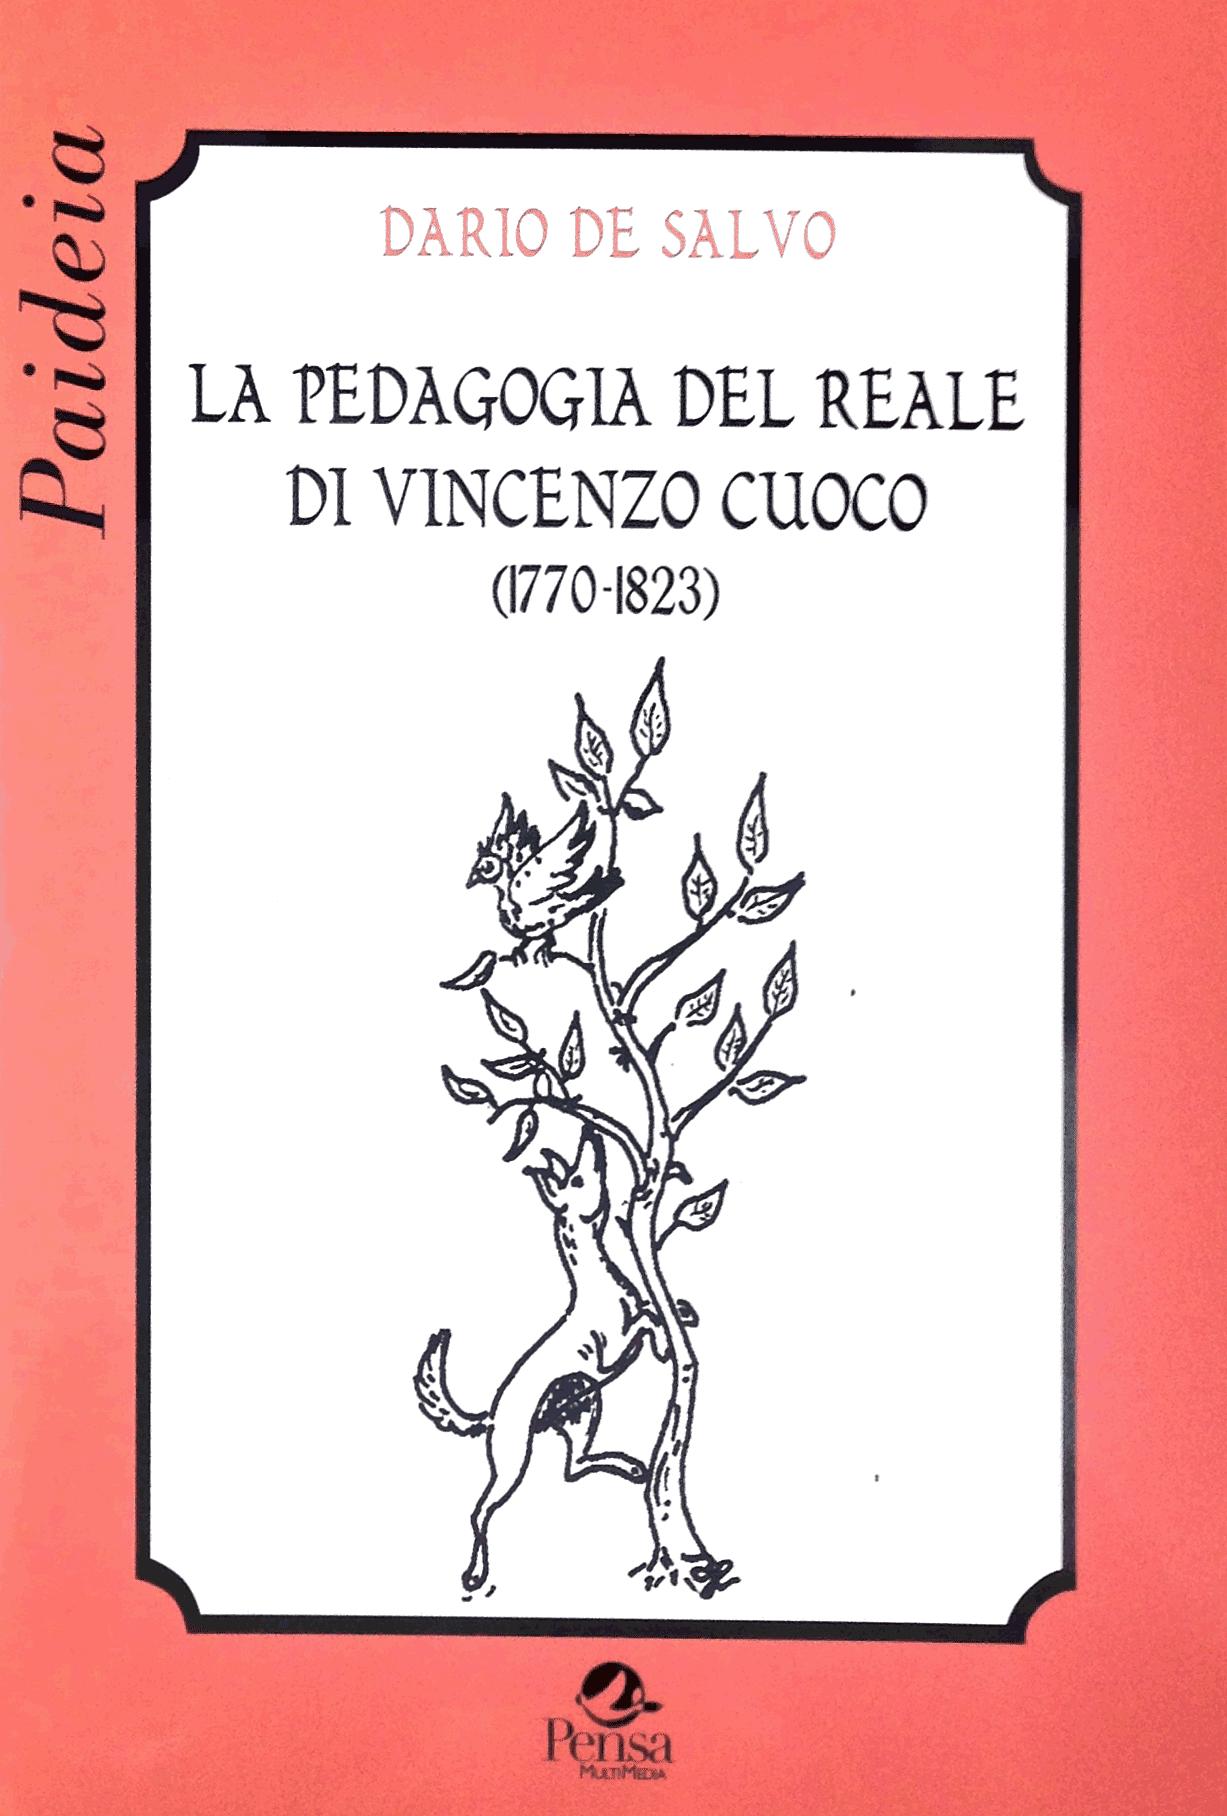 Copertina libro Vincenzo Cuoco: La Pedagogia del reale, ed. Pensa Multimedia, collana Paideia